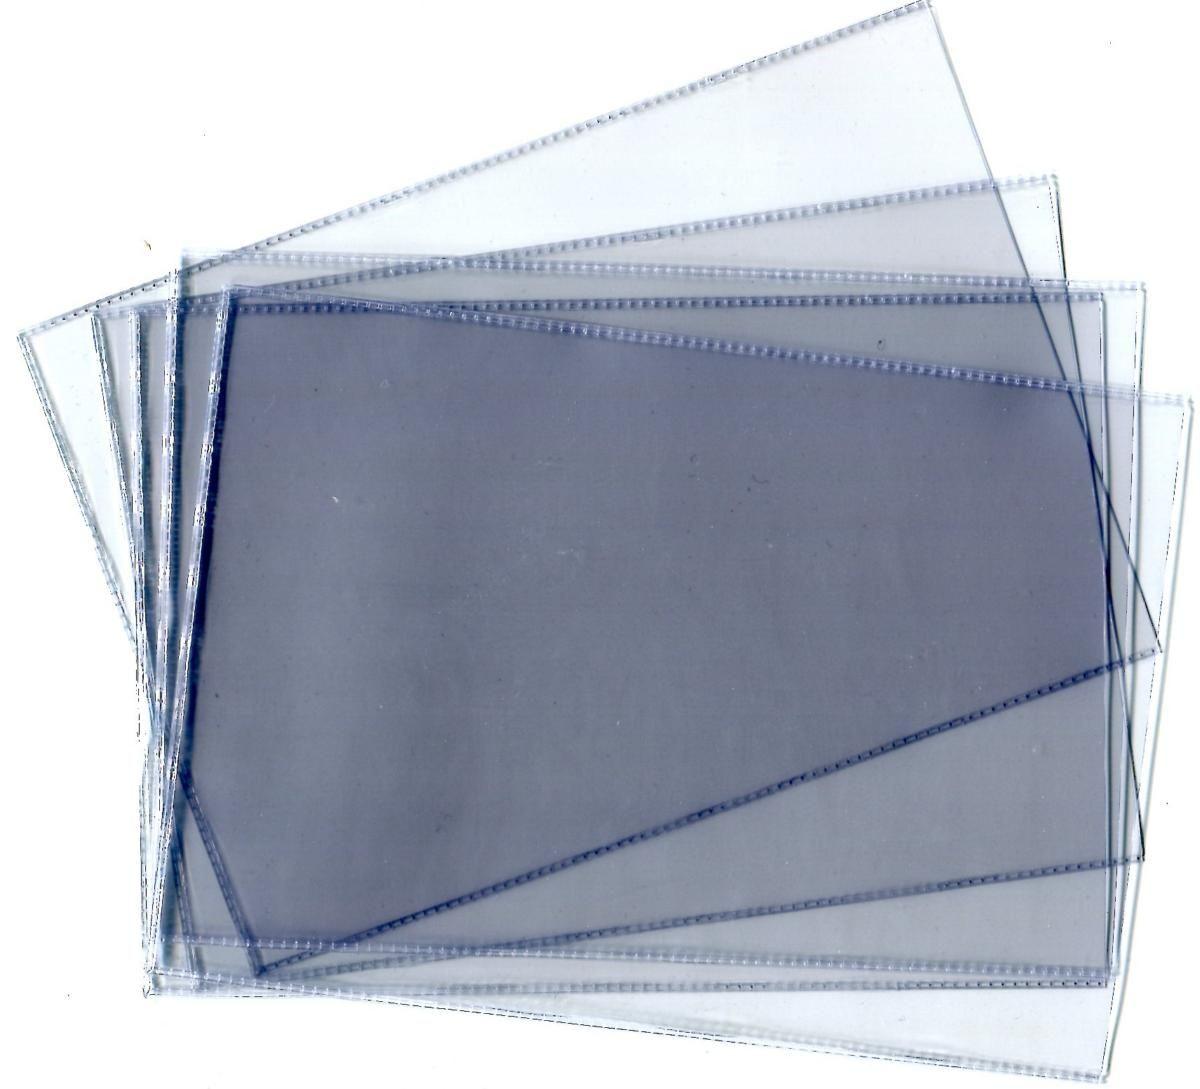 Комплект прозрачных пластиковых холдеров для конвертов, открыток, фото, банкнот, карточек, ценных бумаг. Формат 245 x 170 мм. Упаковка 50 штук. Производство Россия. Нет бренда